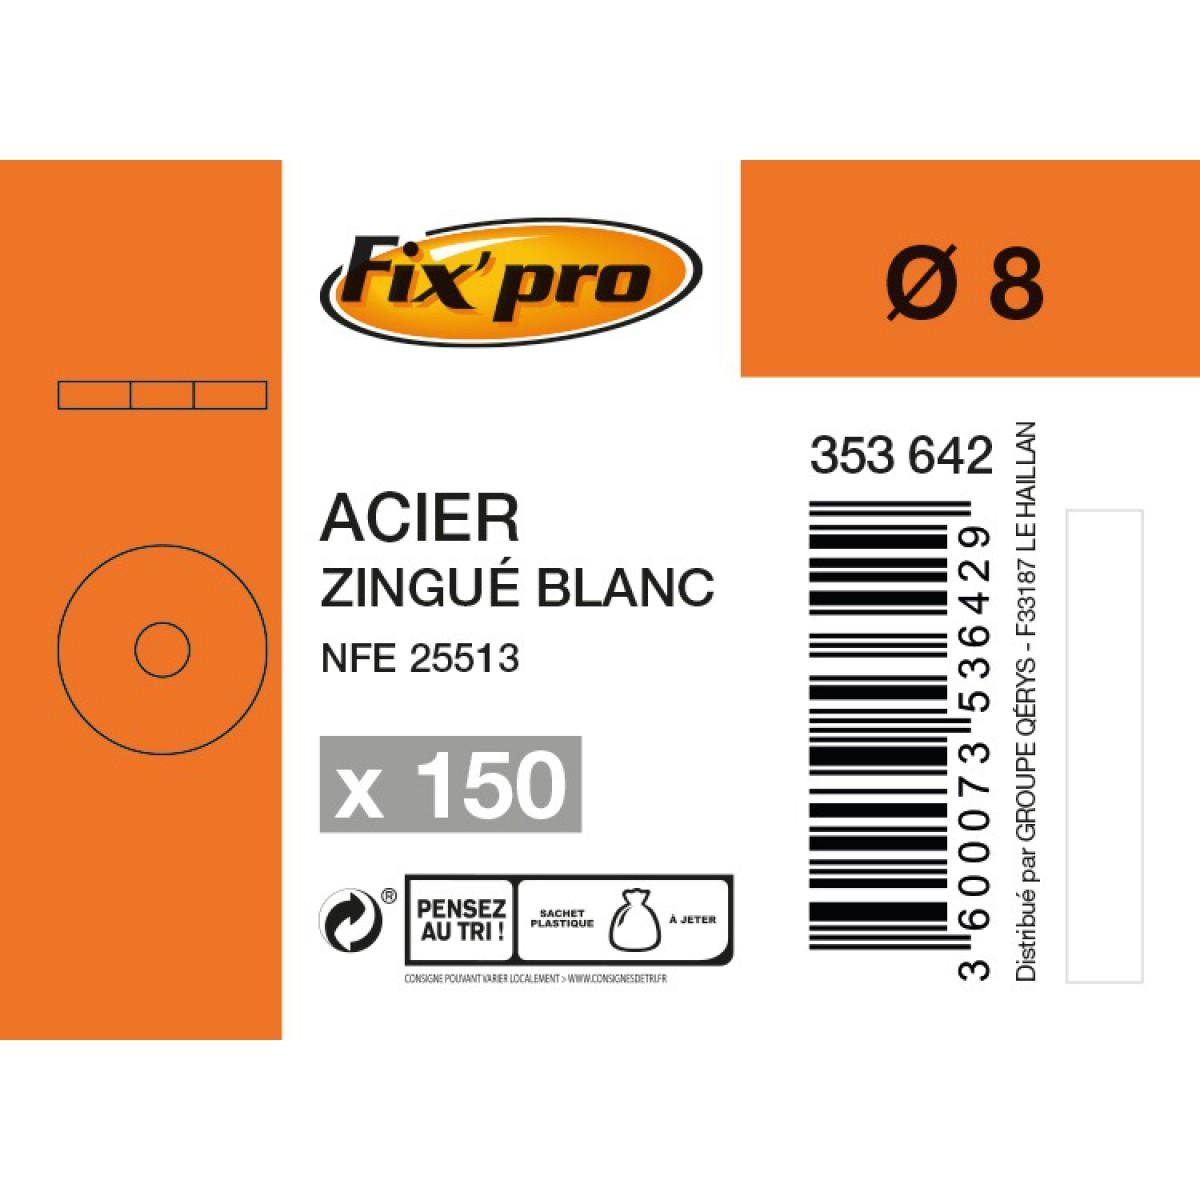 Rondelle carrossier acier zingué - Ø8mm - 150pces - Fixpro